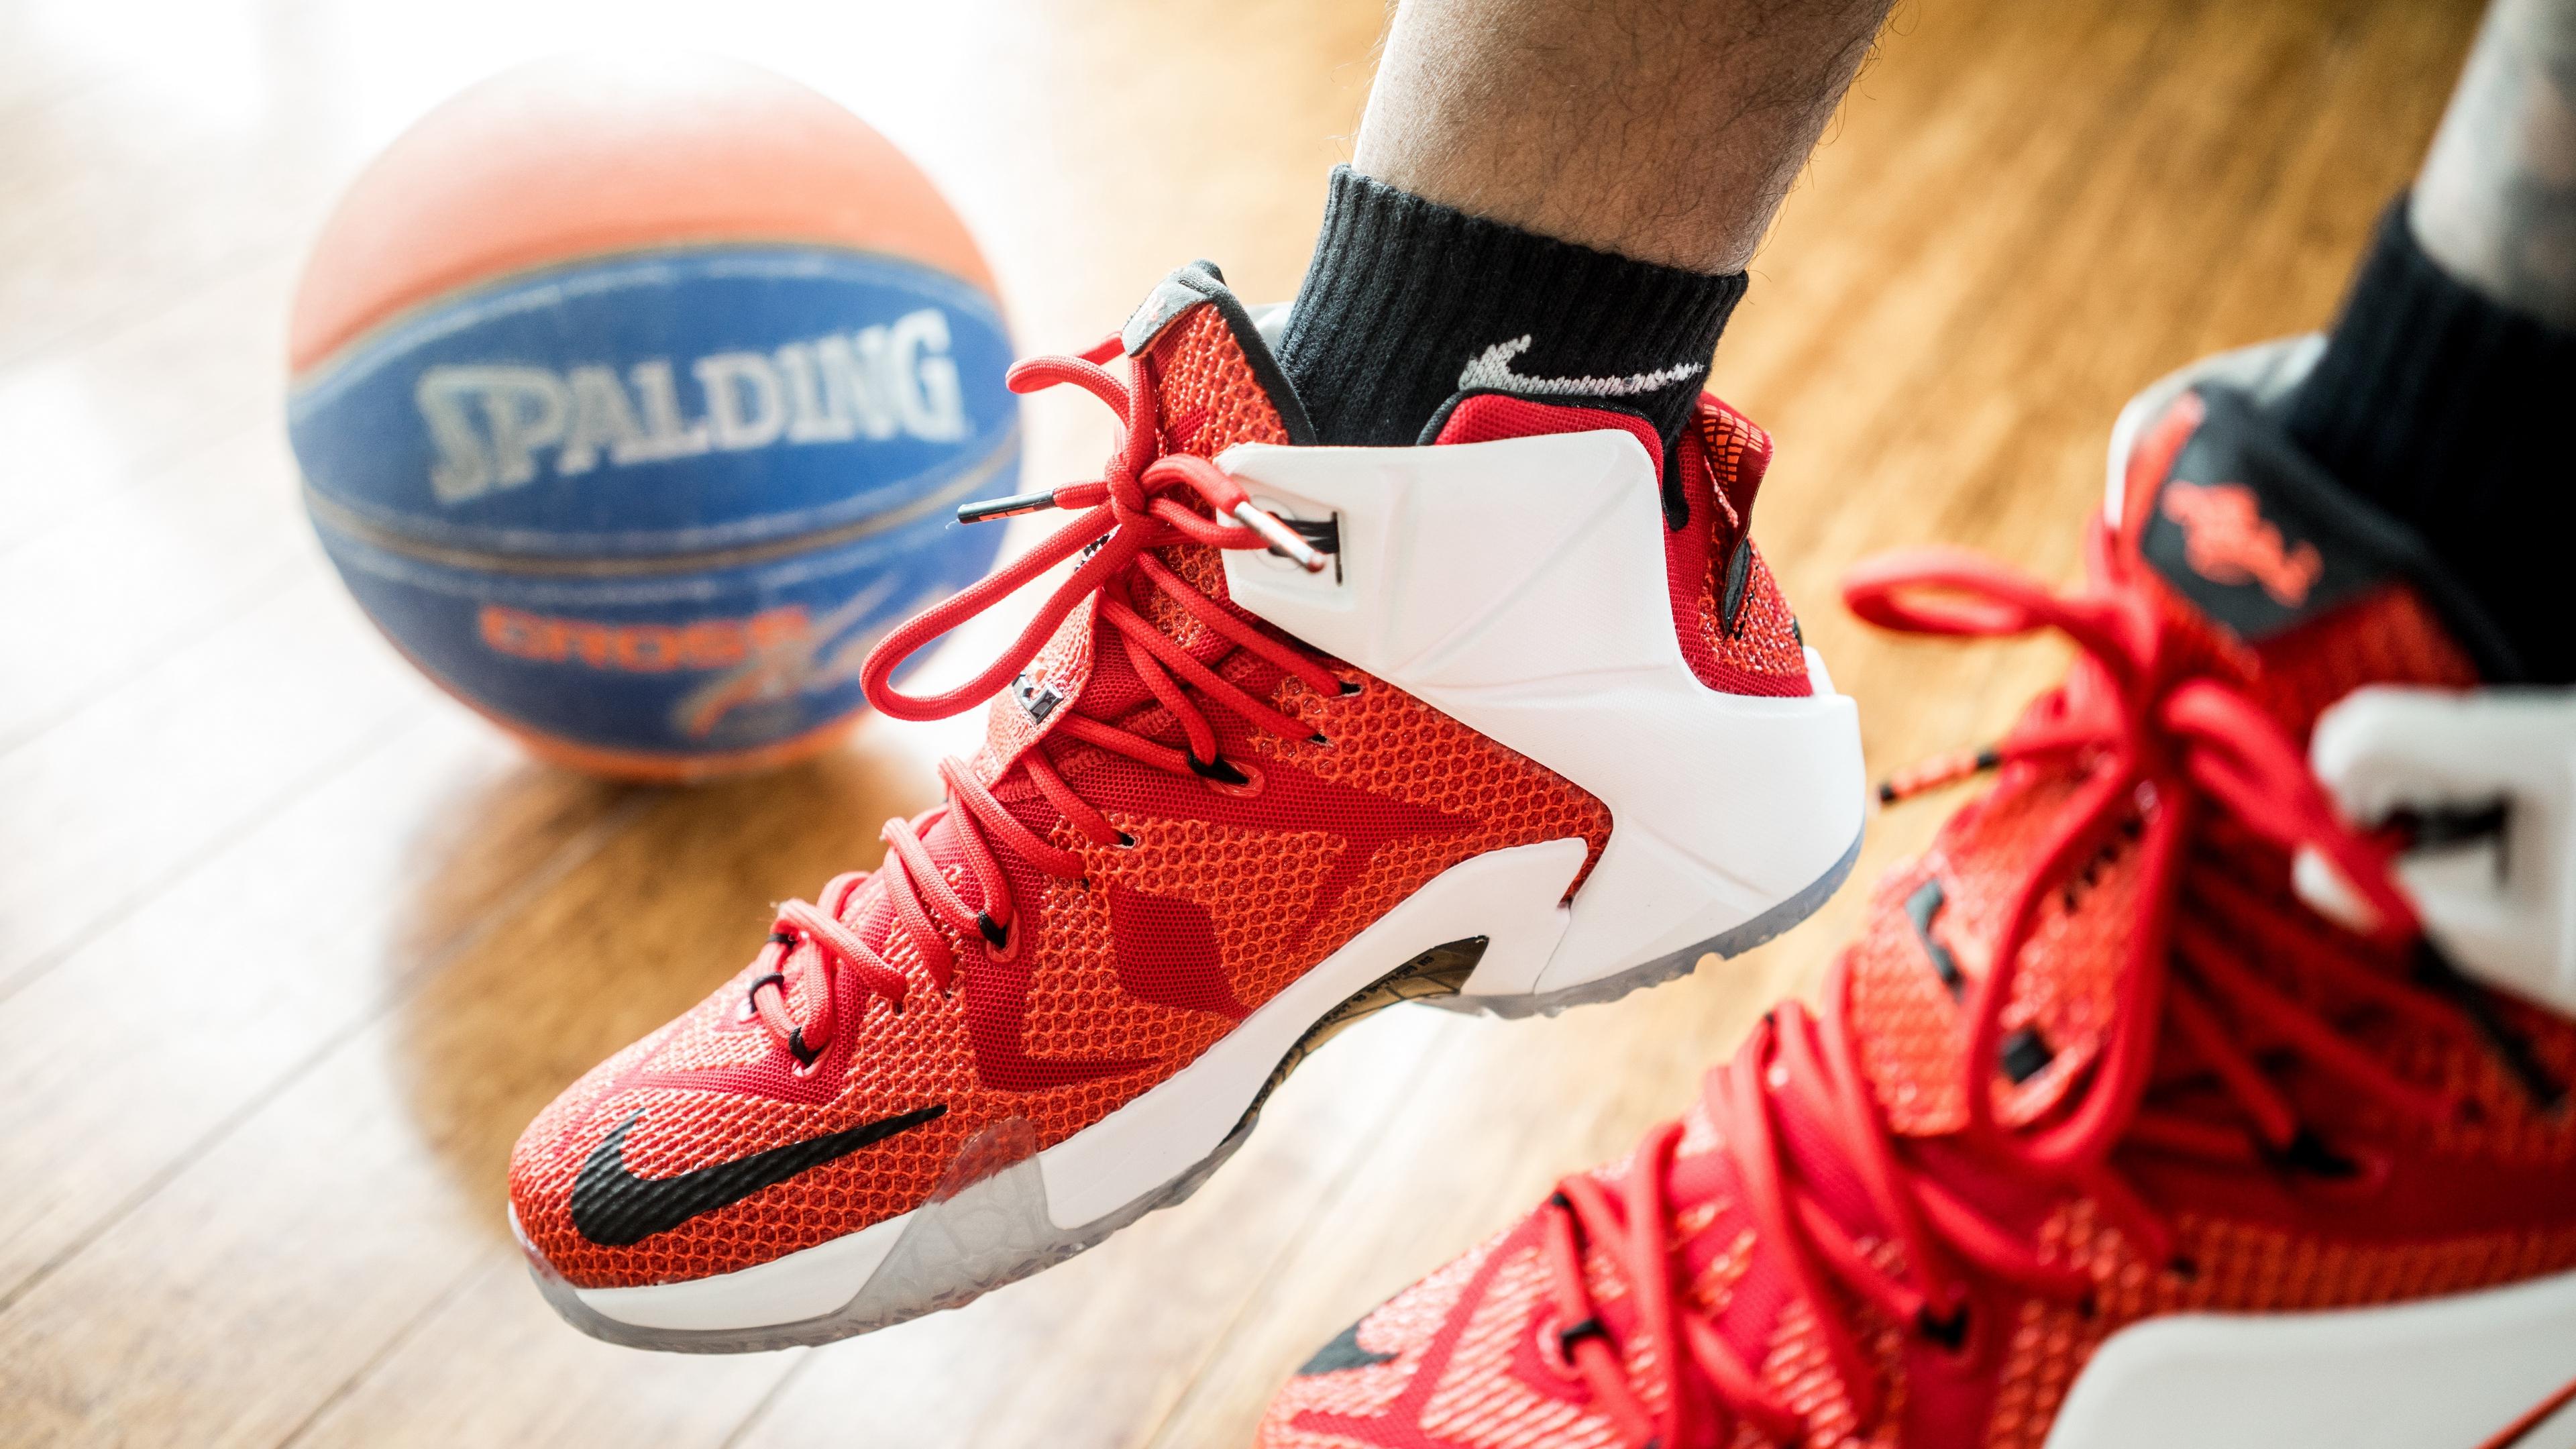 shoes lebron ball nike spalding 4k 1540063056 - shoes, lebron, ball, nike, spalding 4k - Shoes, Lebron, Ball